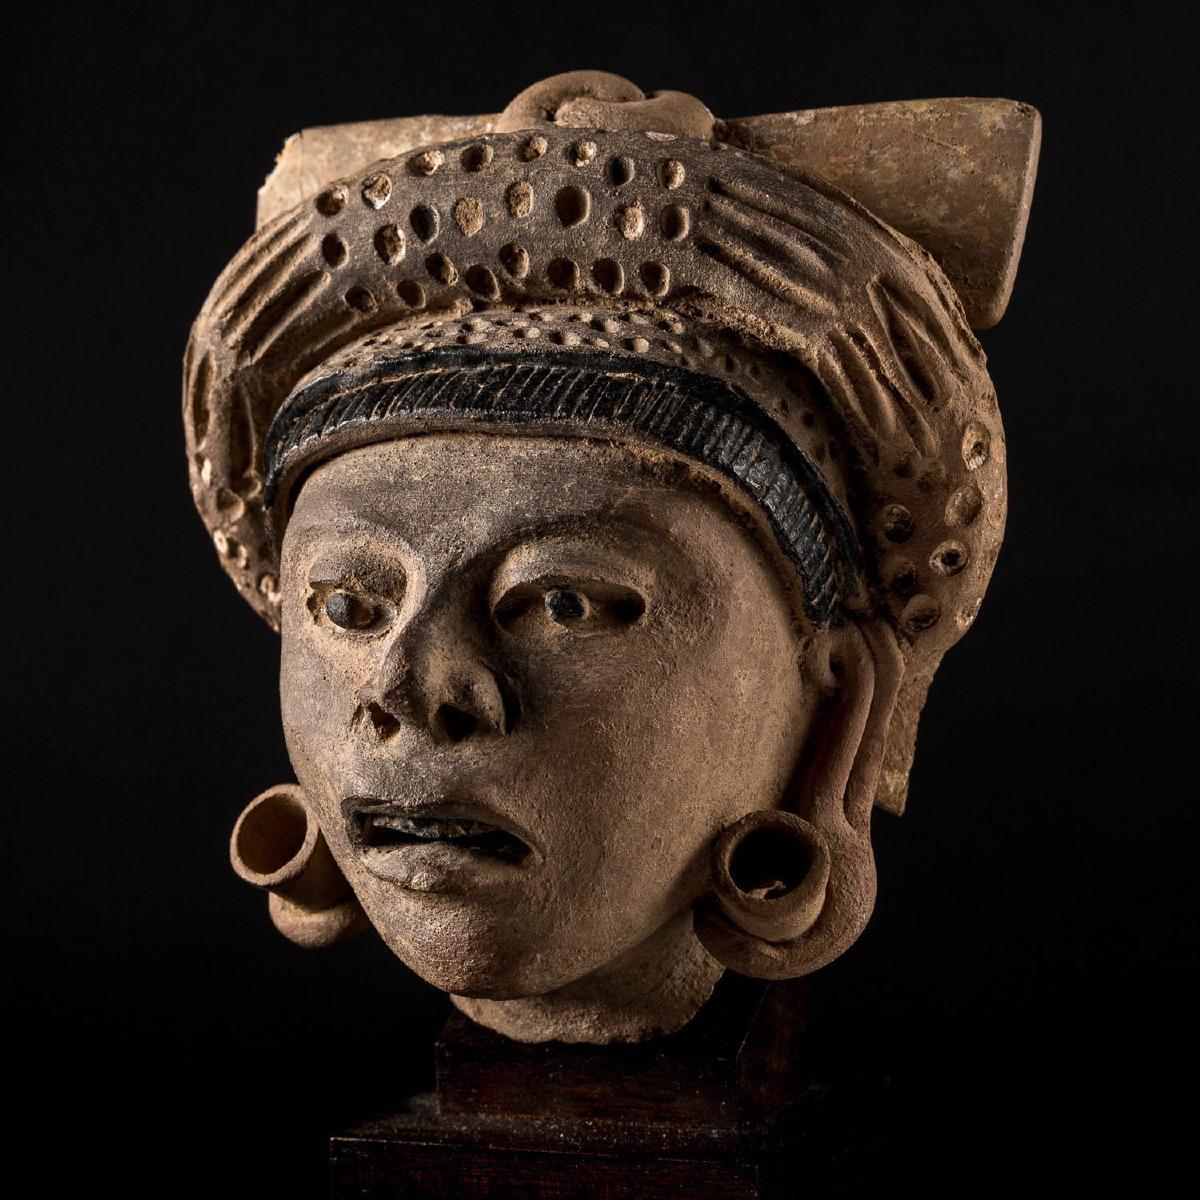 Photo of veracruz-mexico-remojadas-archeolog-galerie-golconda-museum-jacques-chirac